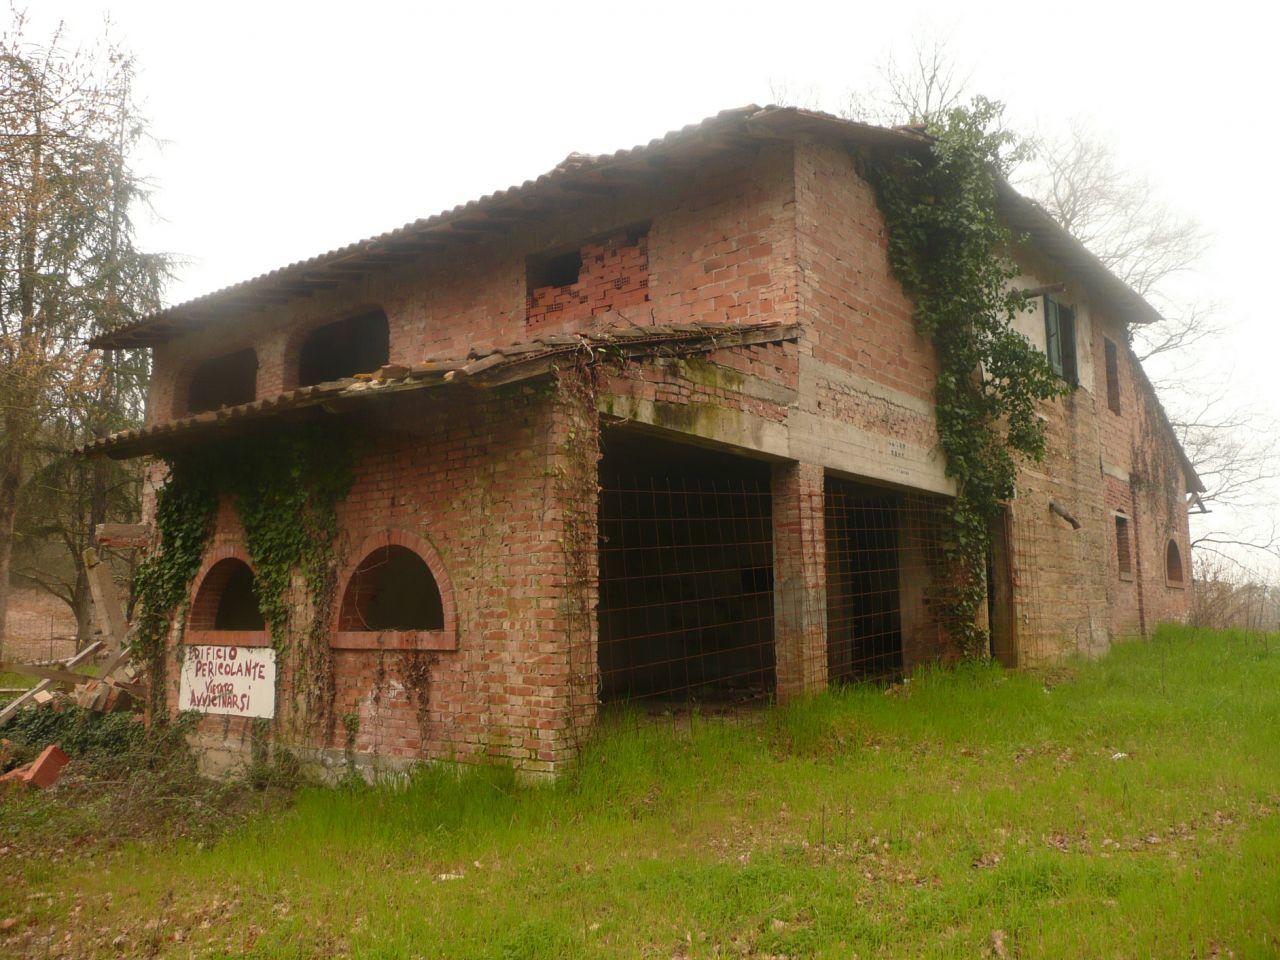 Rustico / Casale in vendita a Montopoli in Val d'Arno, 10 locali, prezzo € 180.000 | CambioCasa.it